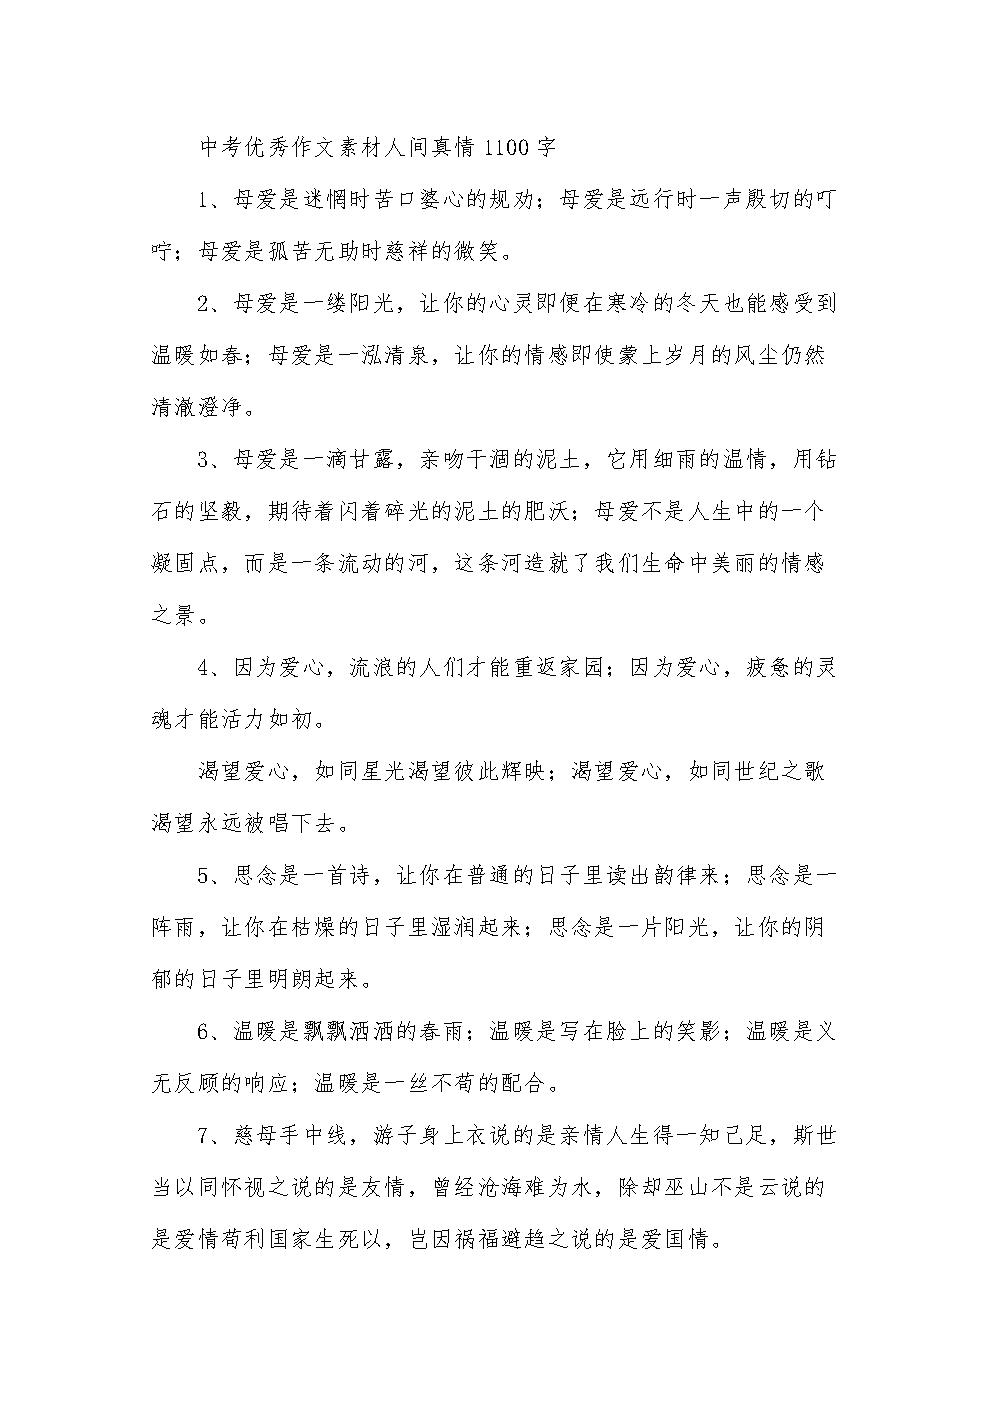 中考优秀作文人间:真情范文.docx作文回忆初中800字图片